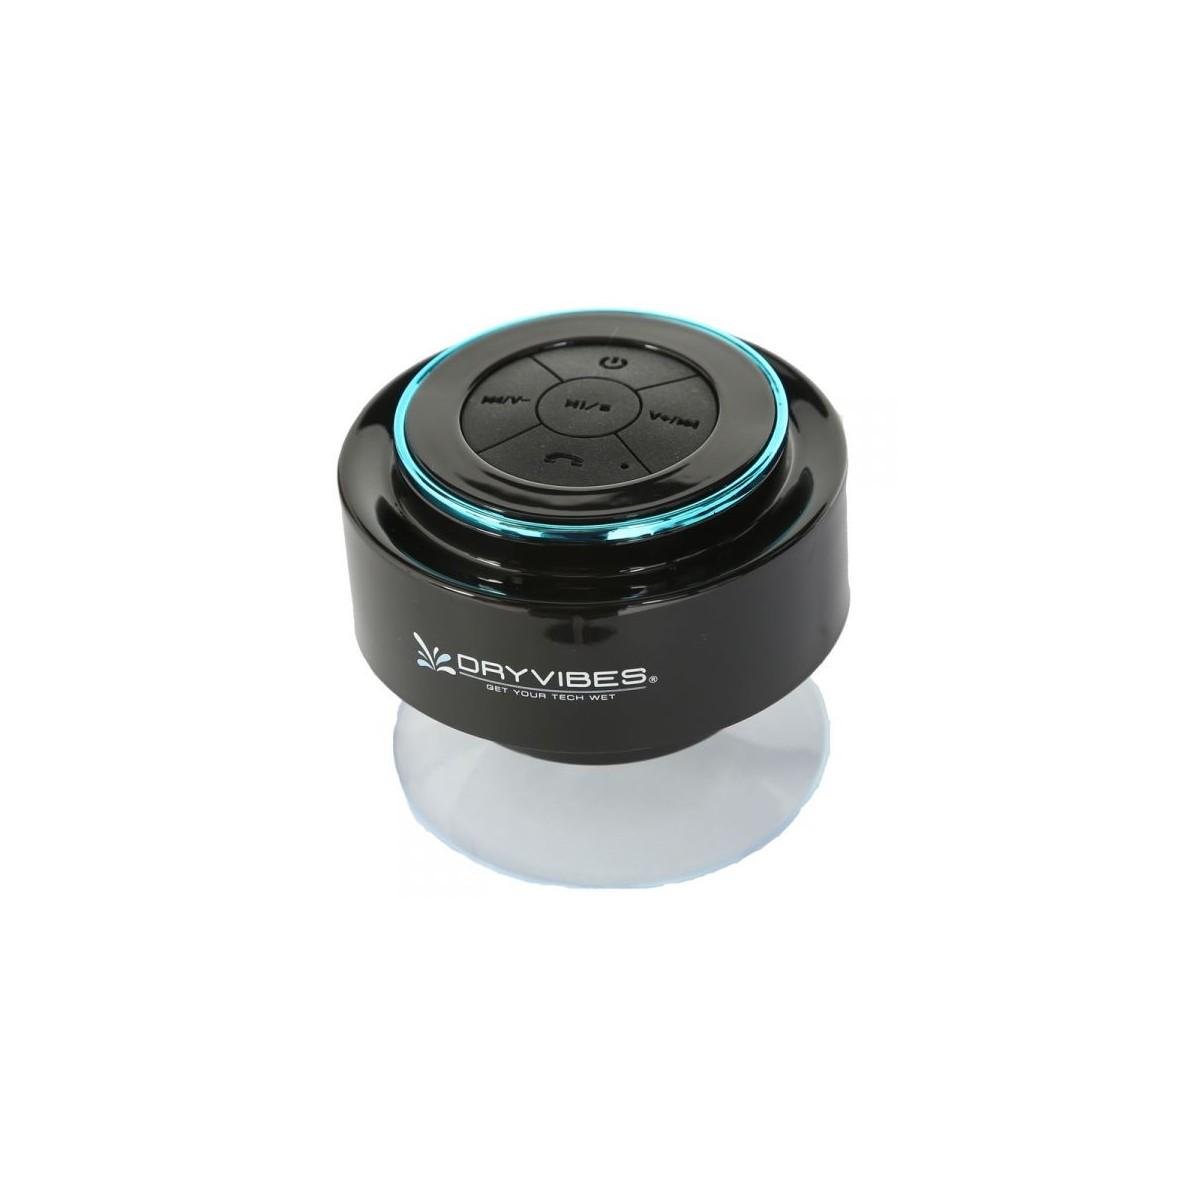 DryCASE DryVIBES Waterproof Floating Bluetooth Speaker